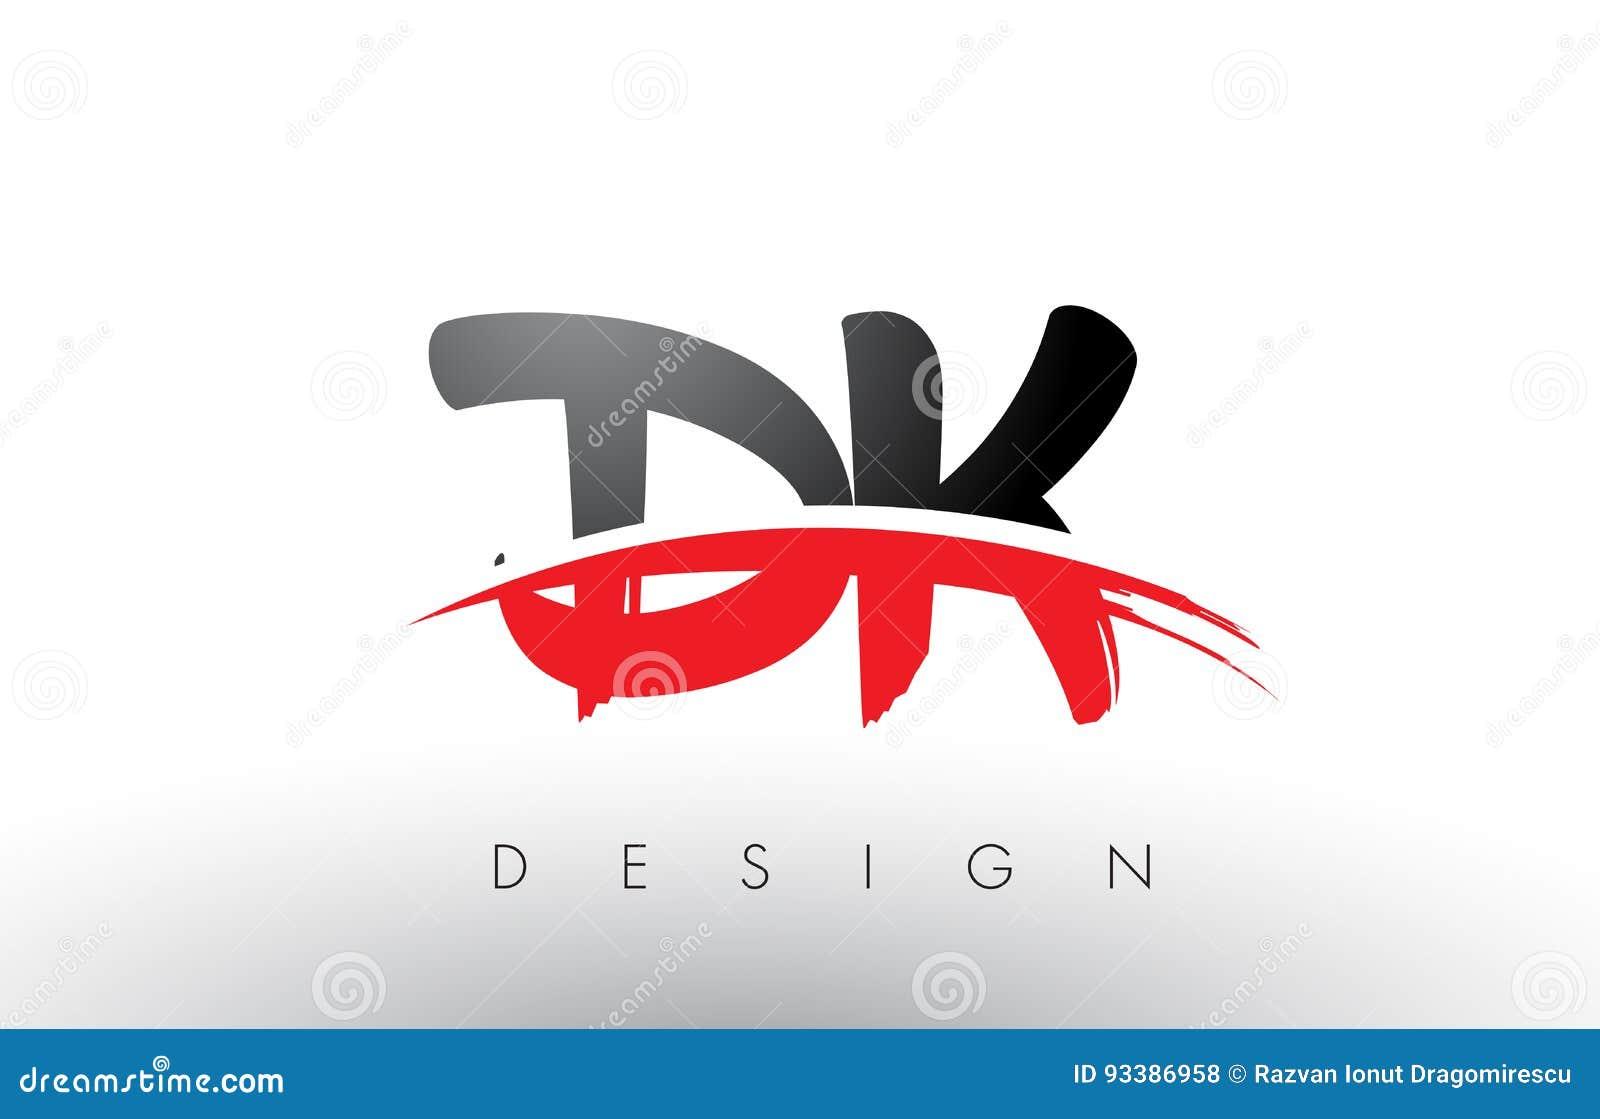 dk cartoons  illustrations   vector stock images 62 Nike Swoosh Vector Vector Underline Swoosh